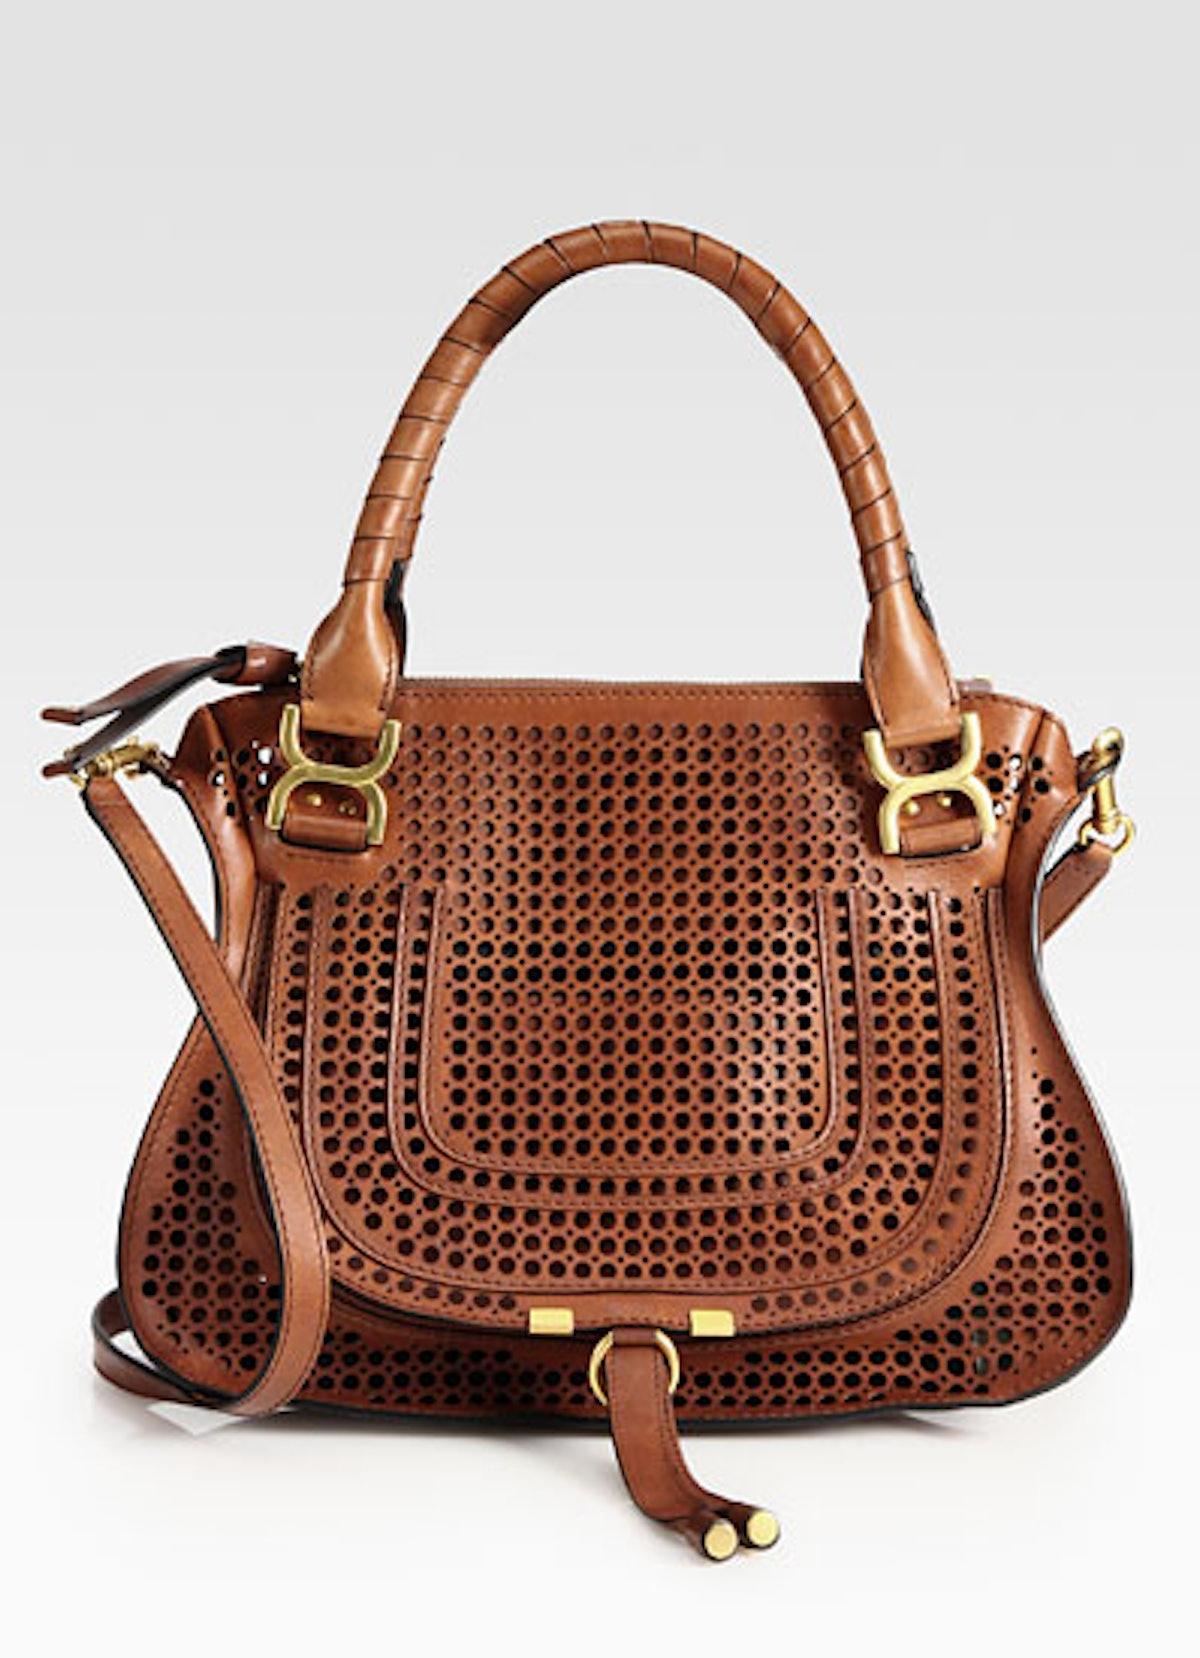 acss-boho-bag-trend-05-v.jpg